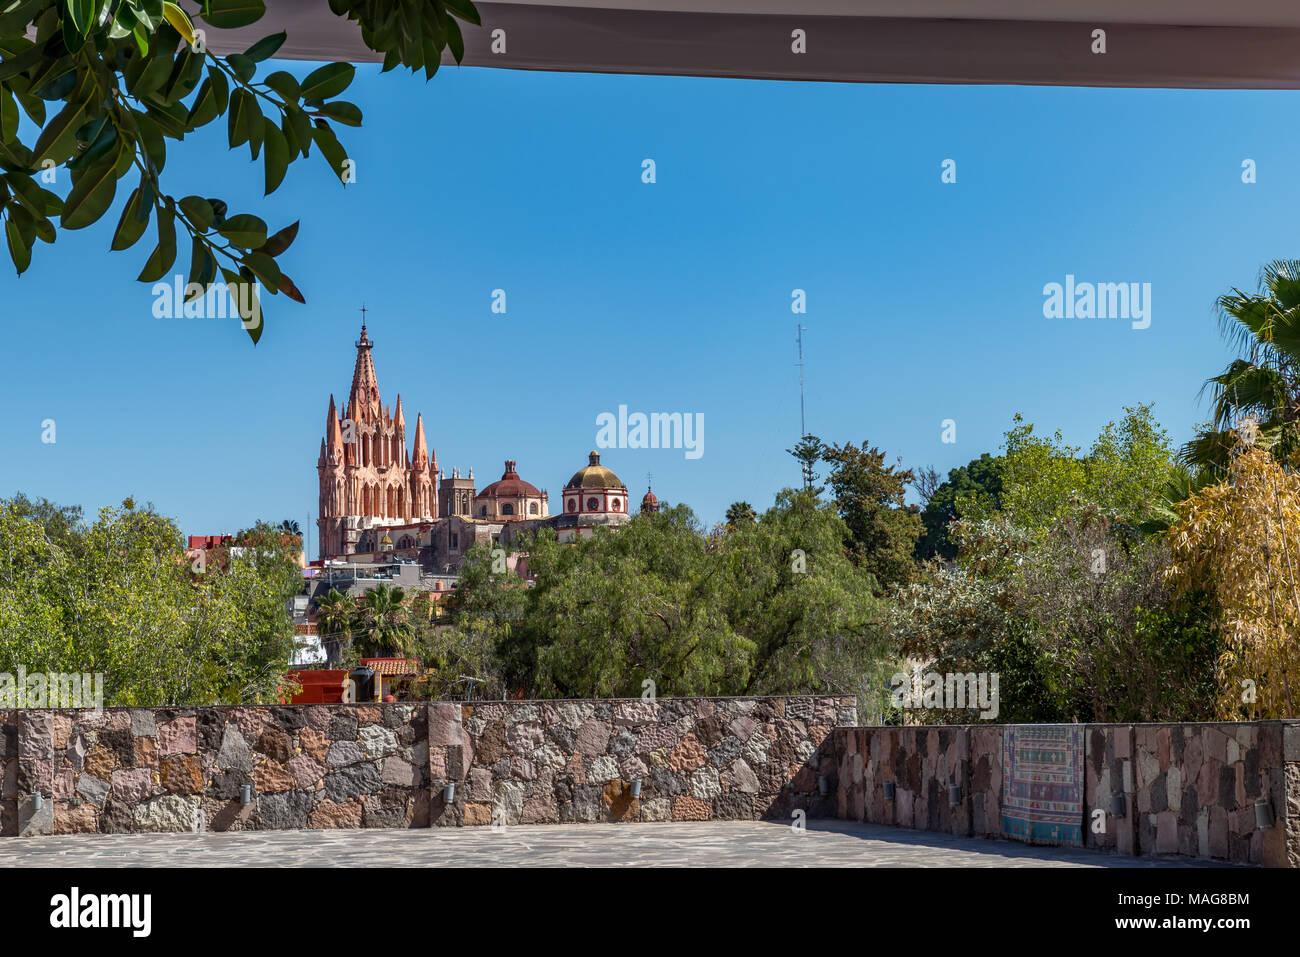 La Parroquia de San Miguel Arcángel, originally, built in the 17th century by indigenous bricklayer Zeferino Gutierrez. - Stock Image